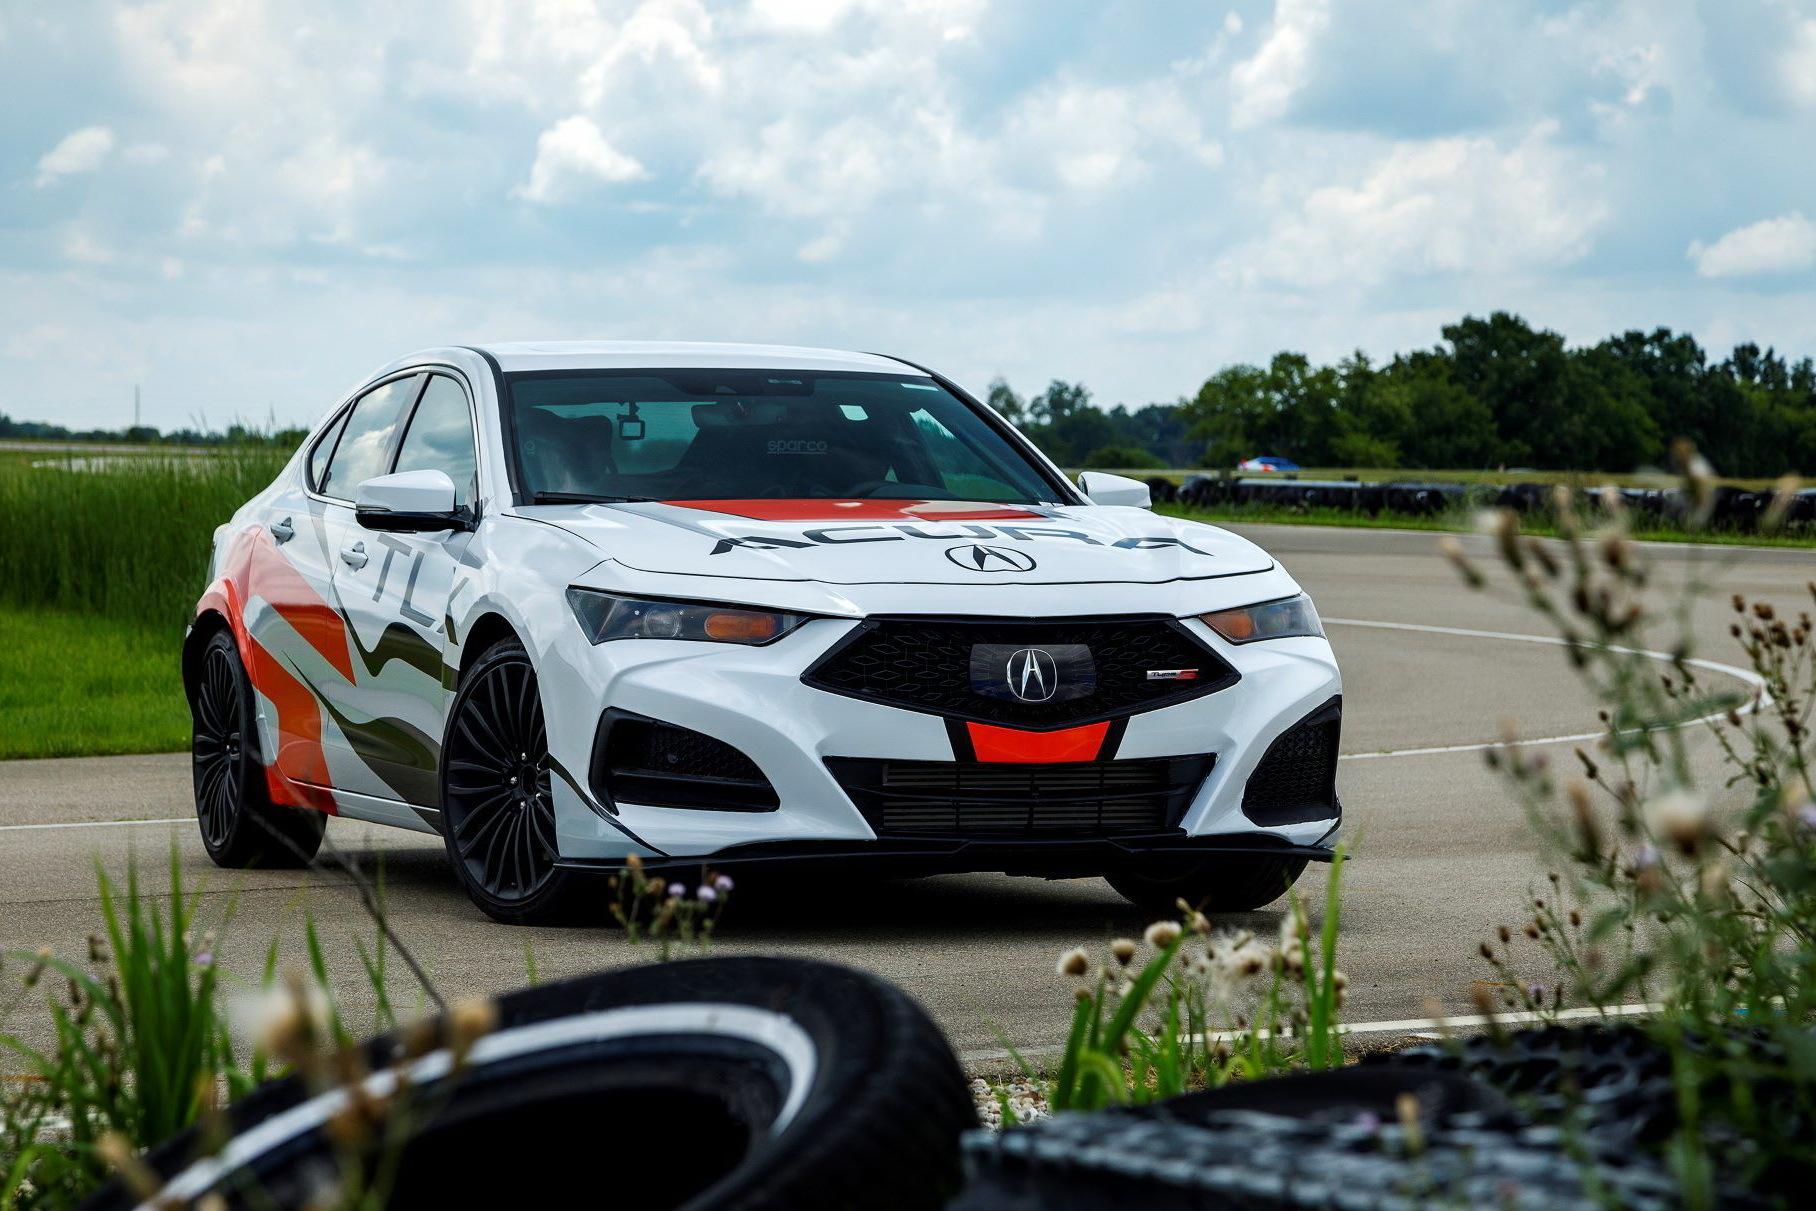 Японский автомобилестроитель «Хонда» рассекретил характеристики V-образного турбо с шестью цилиндрами объемом 3,0 литра, которым будут оснащать «заряженные» Acura Type S.